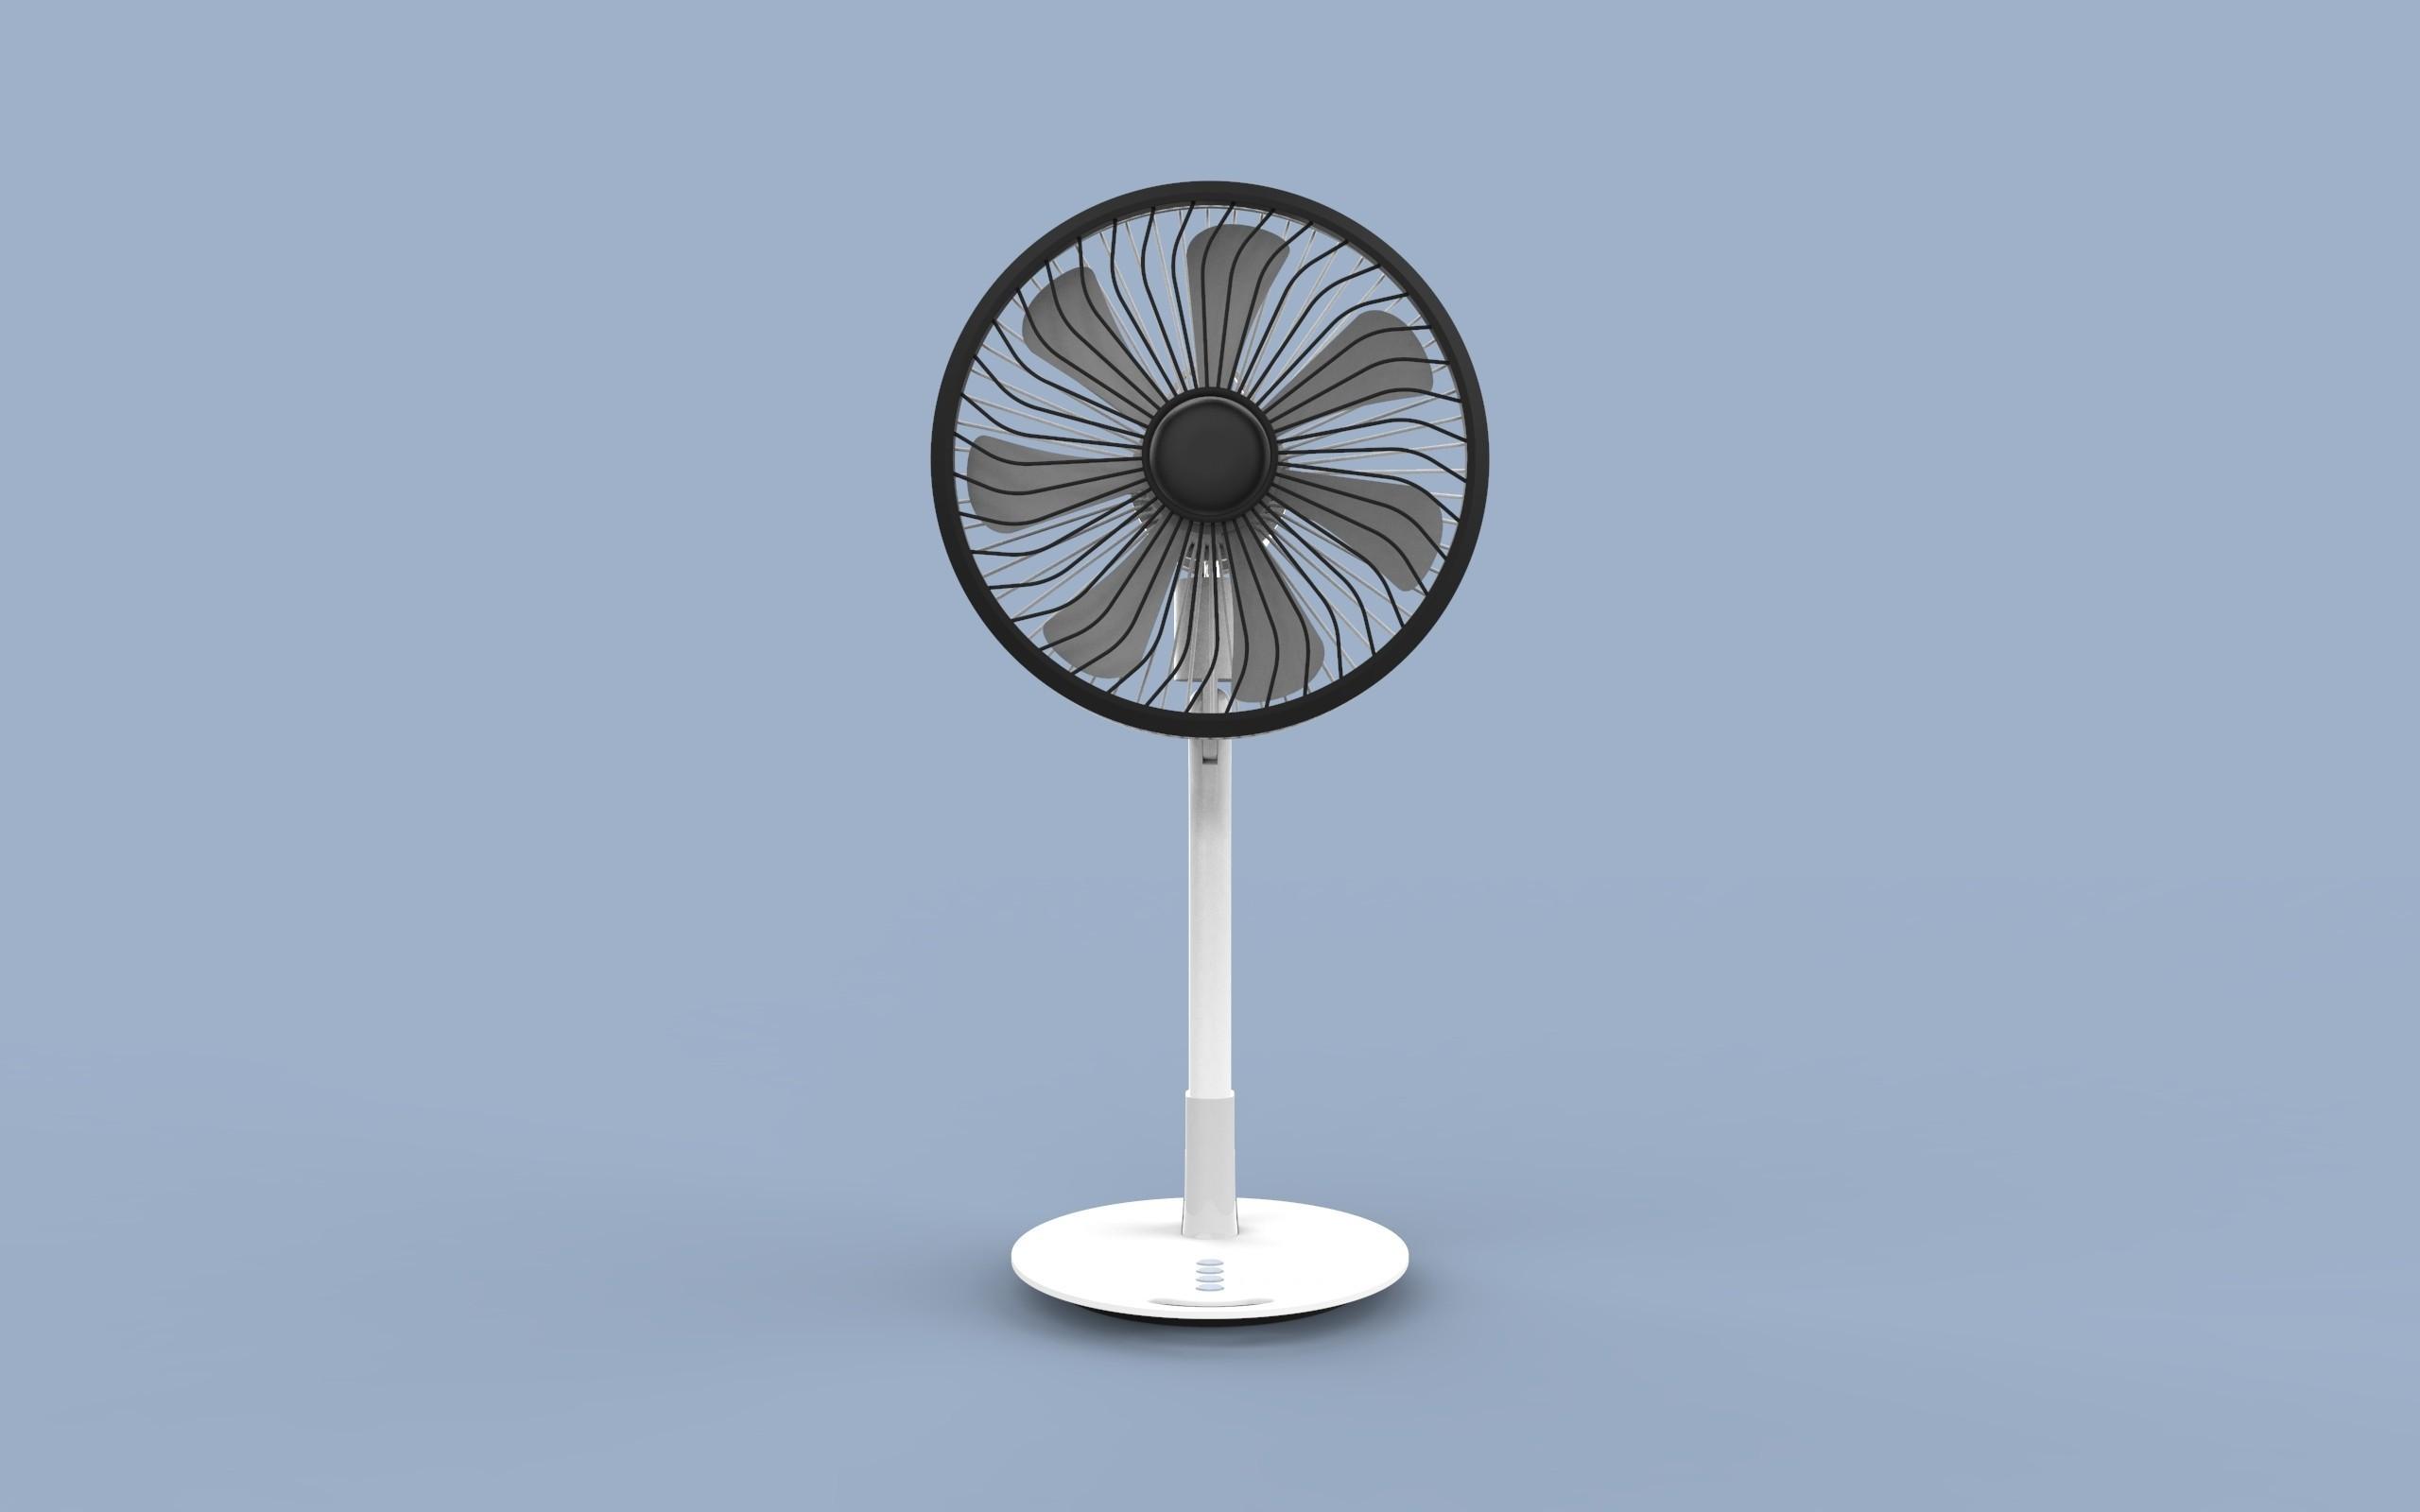 ff.336.jpg Download STL file Folding Table Fan • 3D printer object, Dekro